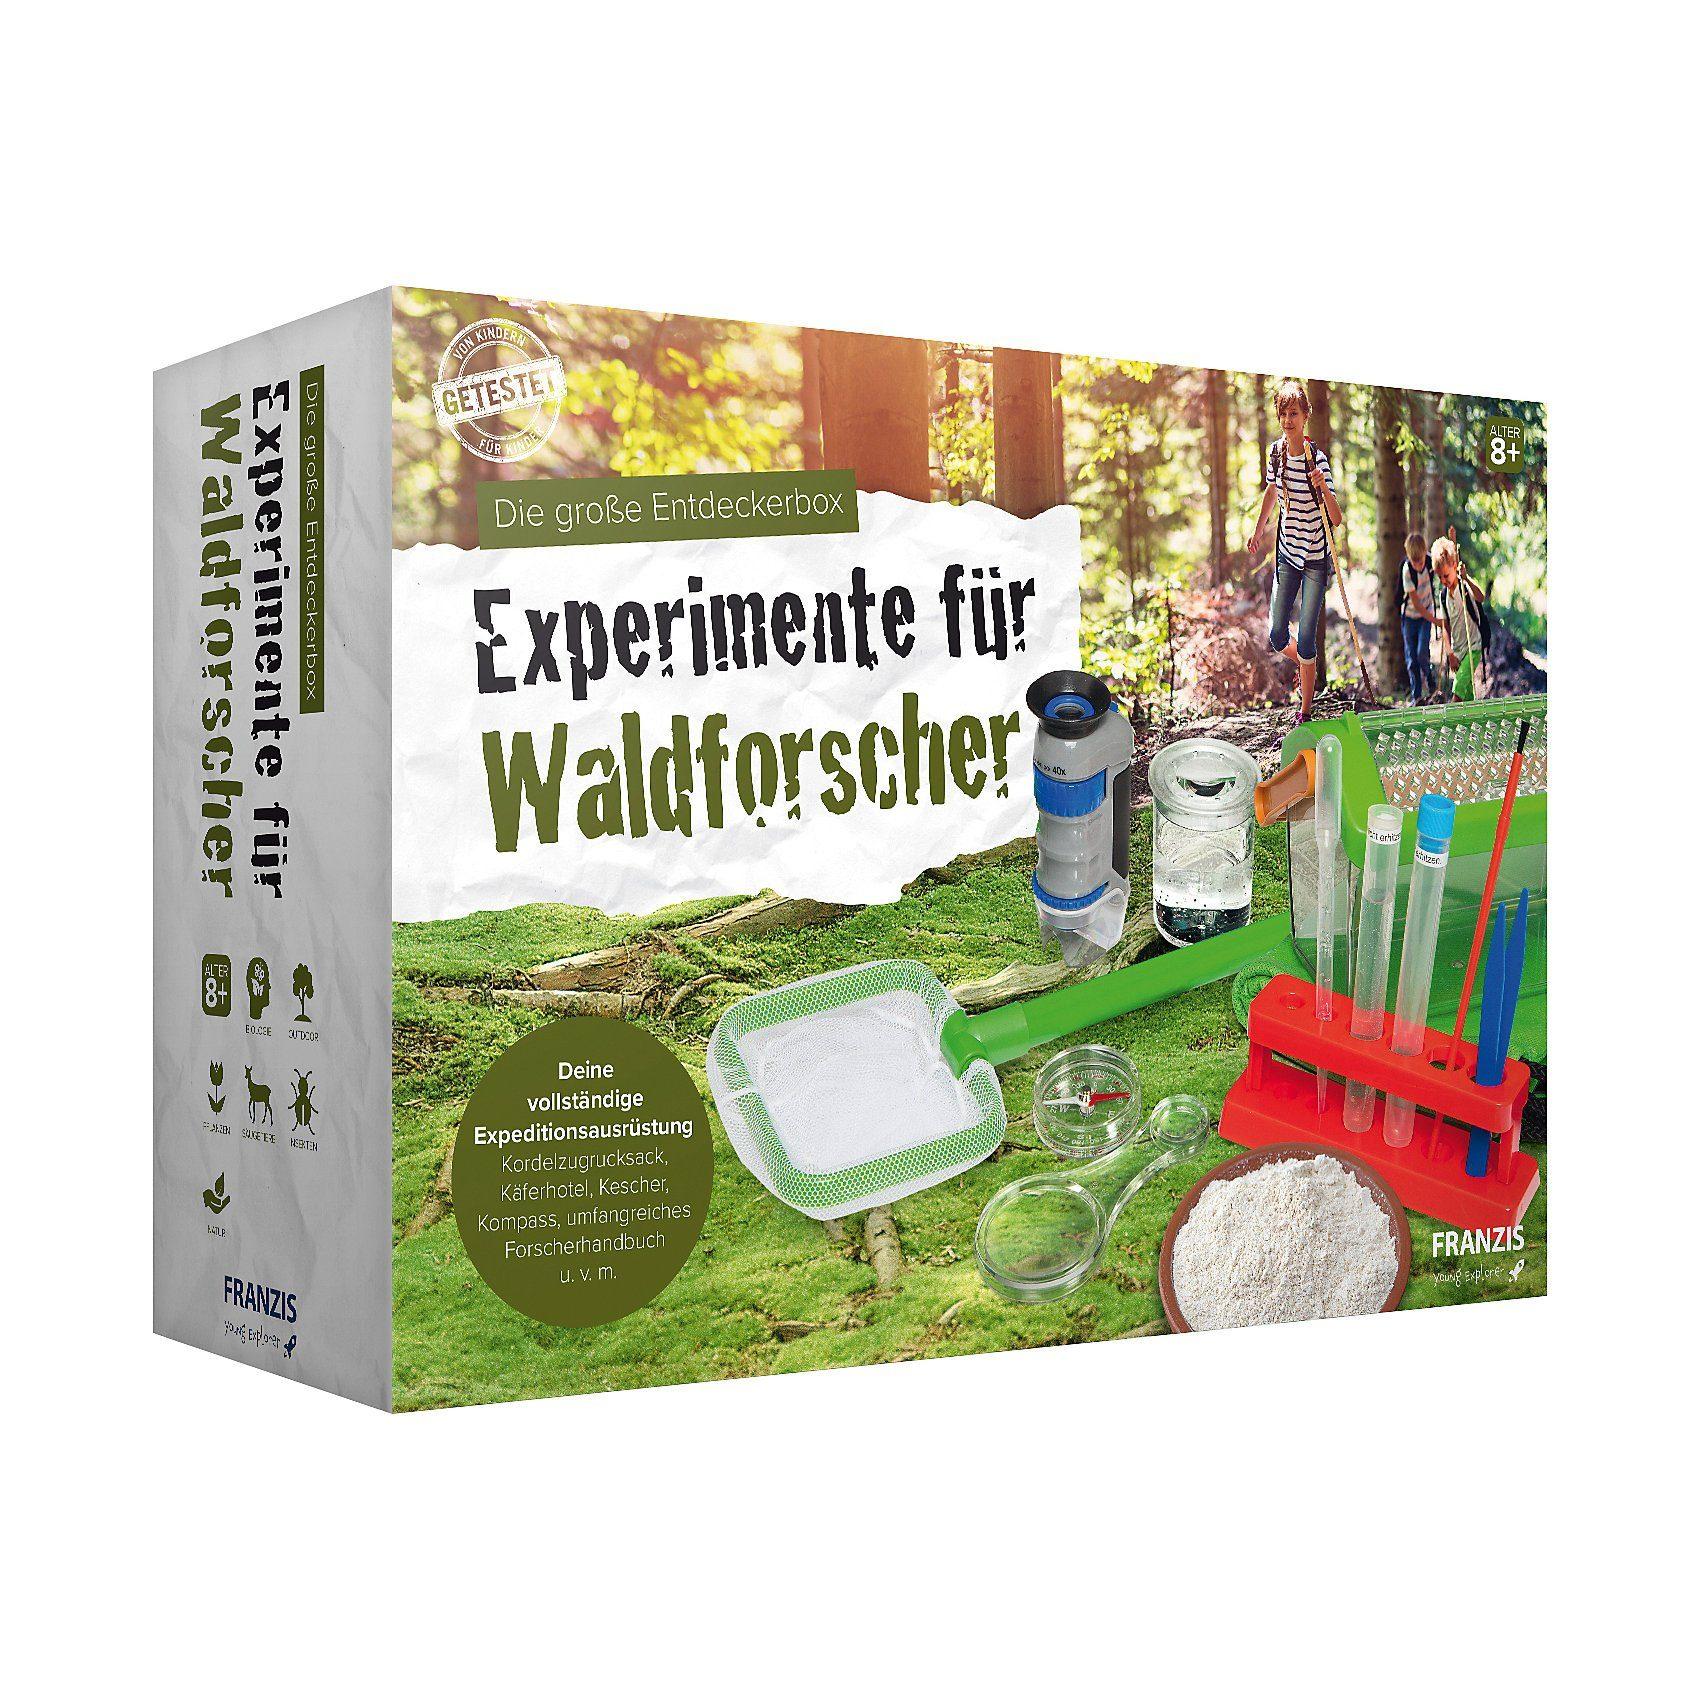 Franzis - Die große Entdeckerbox - Experimente für Waldforsc